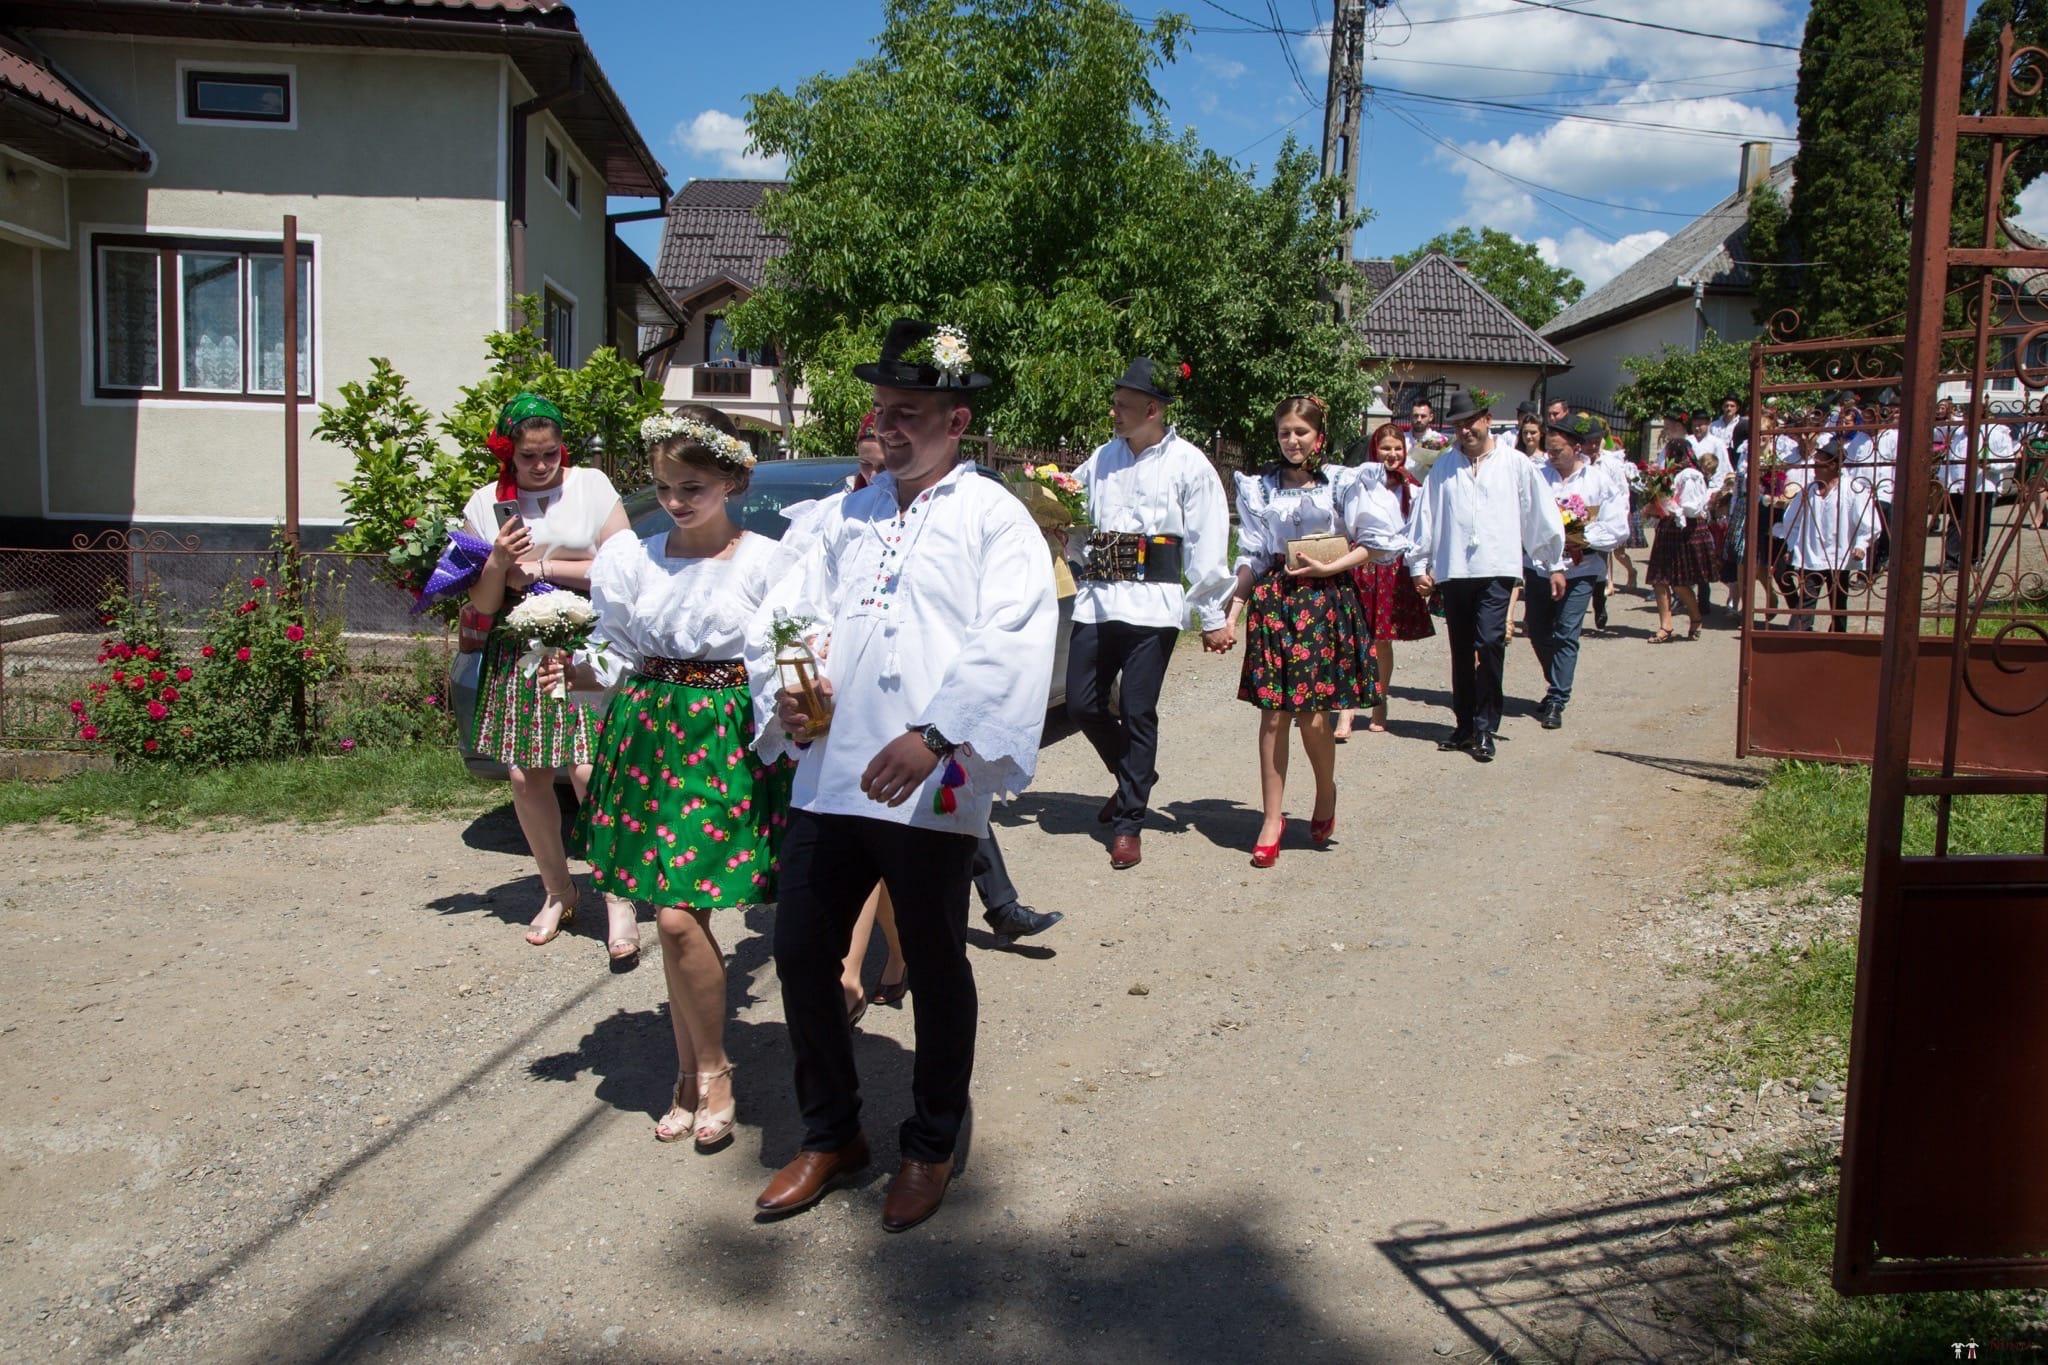 Povești Nunți Tradiționale - Ancuța și Nicu, cununie tradițională în Giulești, Maramureș 14